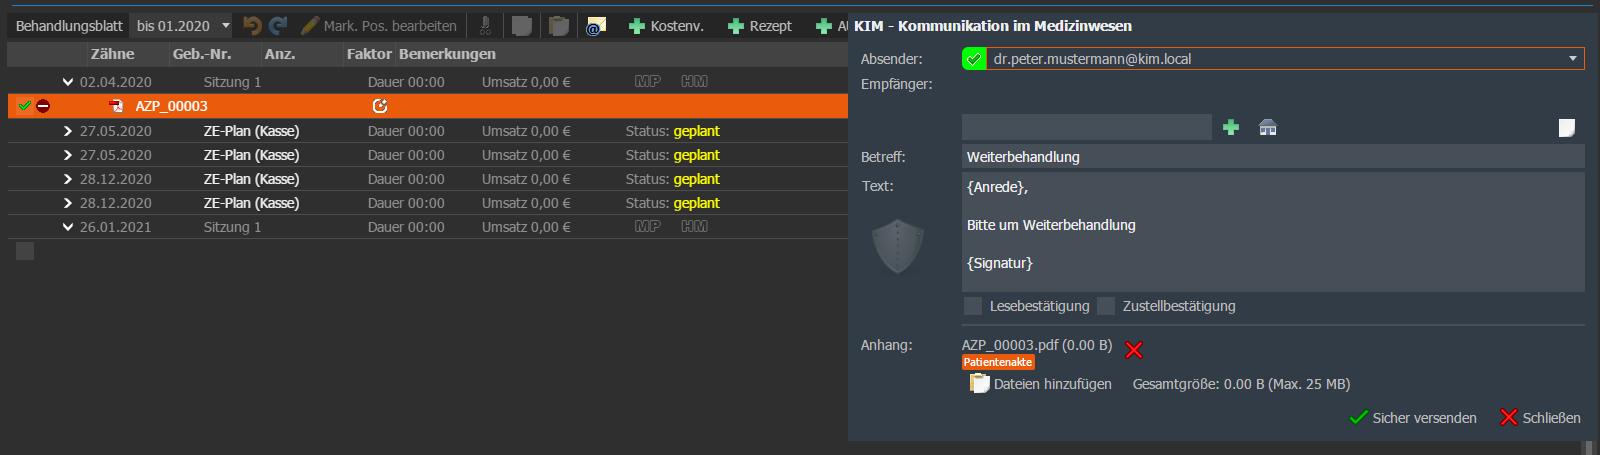 VISInext KIM-Modul der BDV GmbH - Telematikinfrastruktur